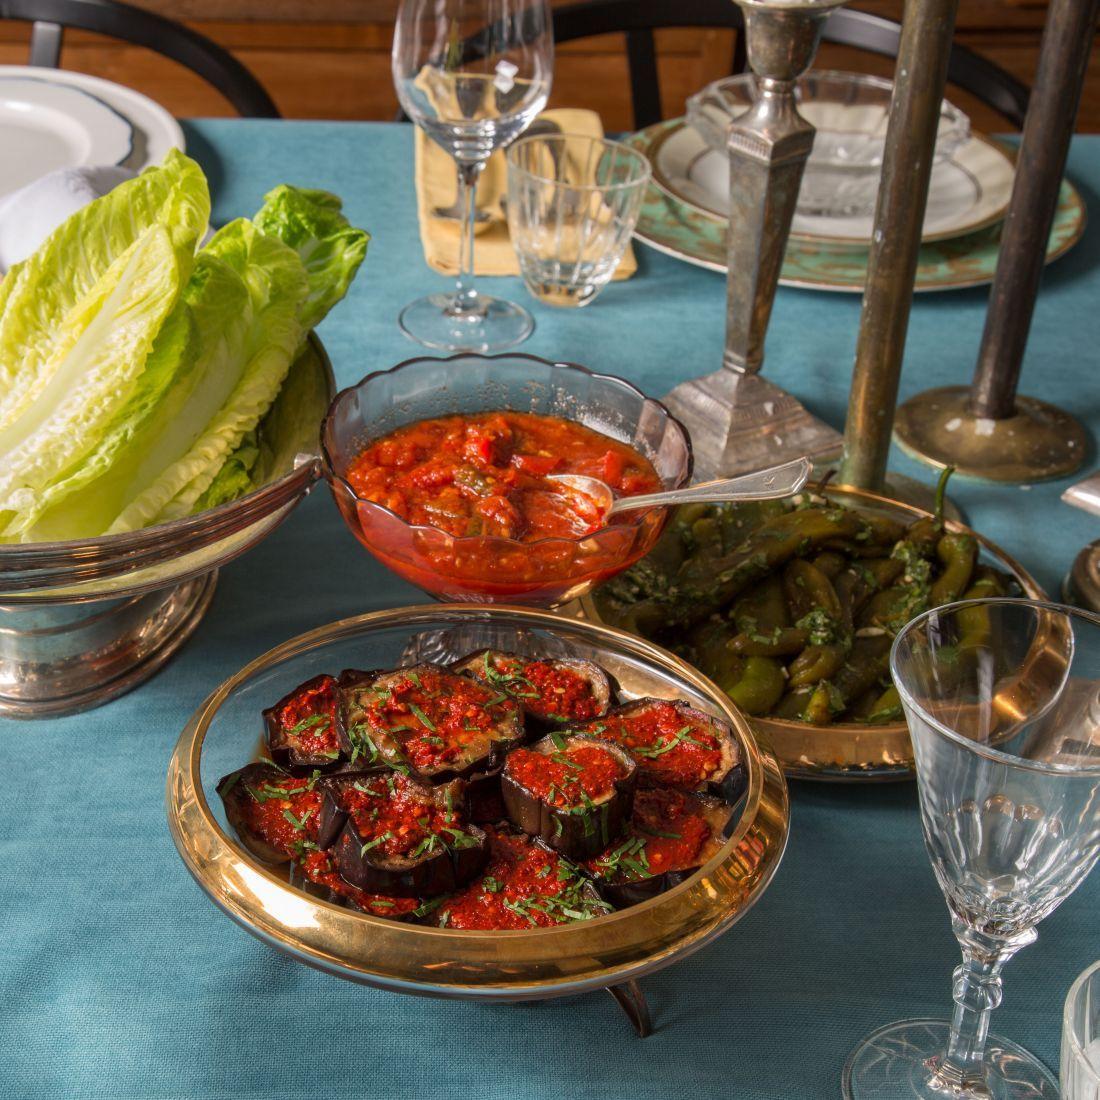 אחרי שנרגעים מהמרק העשיר, מגיעים אל השולחן סלטים למיניהם, כמו למשל חצילים באריסה, מטבוחה ופלפלים חריפים: